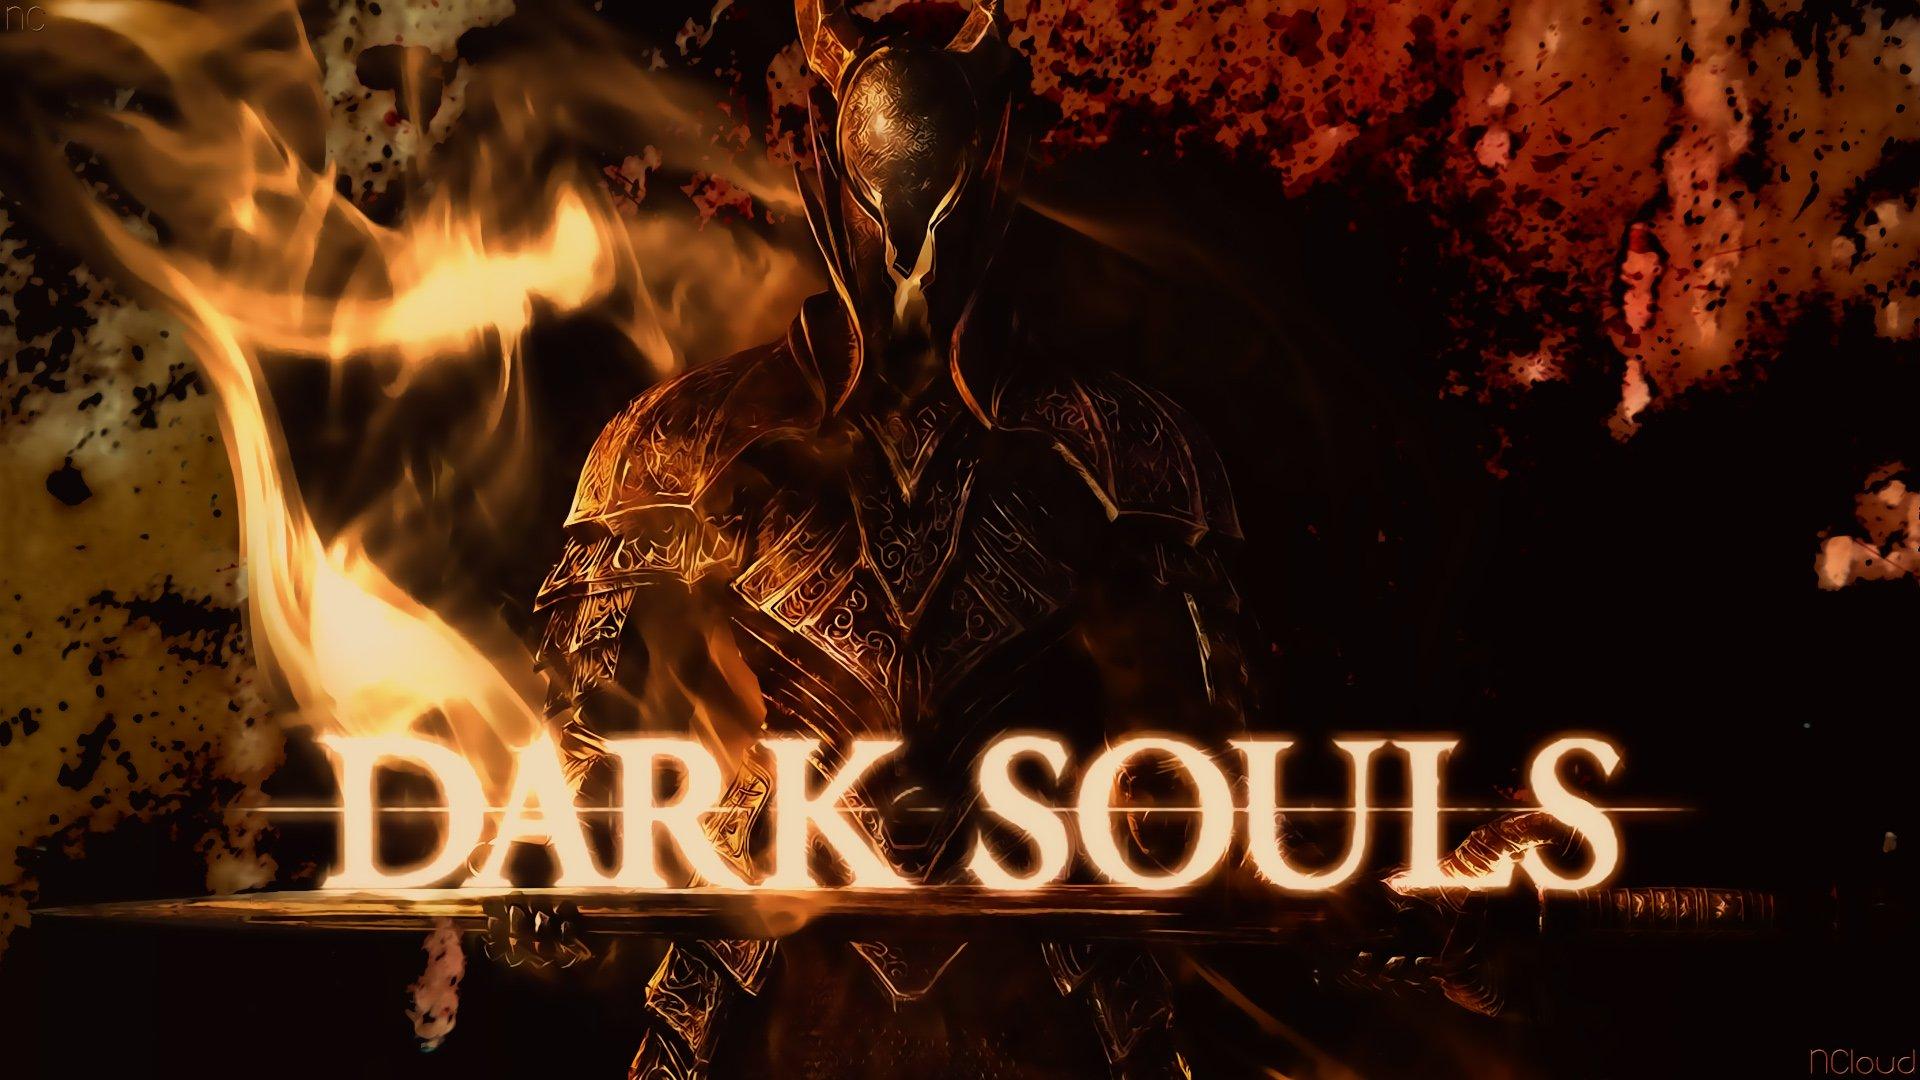 Игра меня очень впечатлила. Жанр RPG обожаю с детства, и это мой самый любимый жанр. Dark Souls показала мне соверше .... - Изображение 1